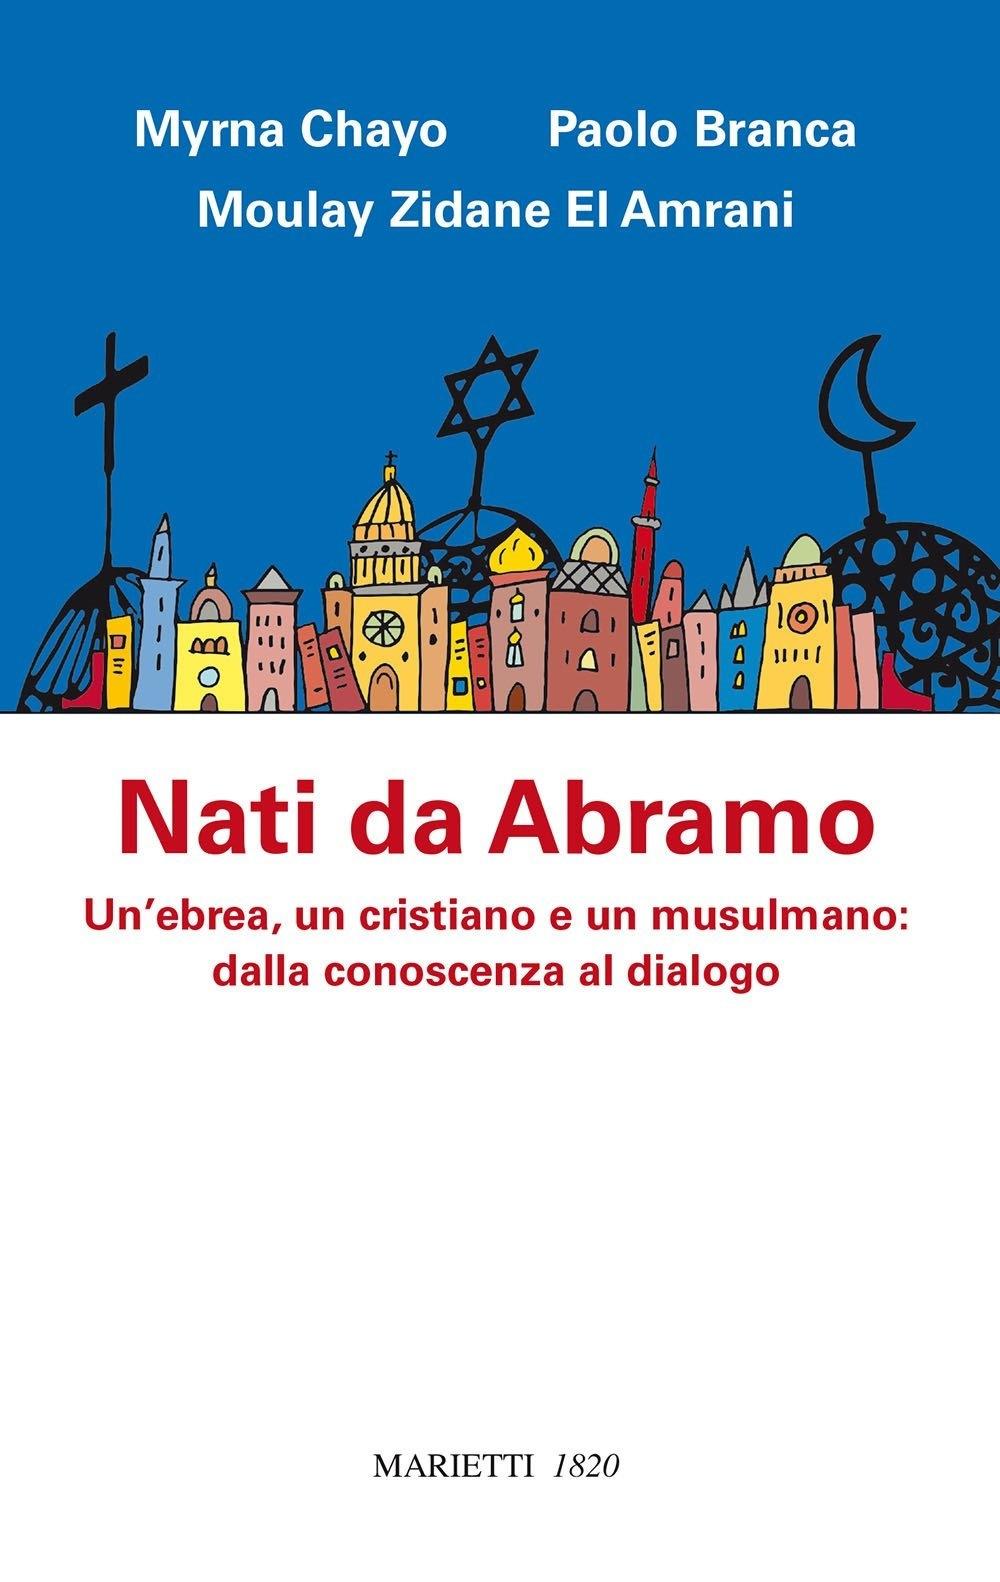 Nati da Abramo. Un'ebrea, un cristiano e un musulmano: dalla conoscenza al dialogo